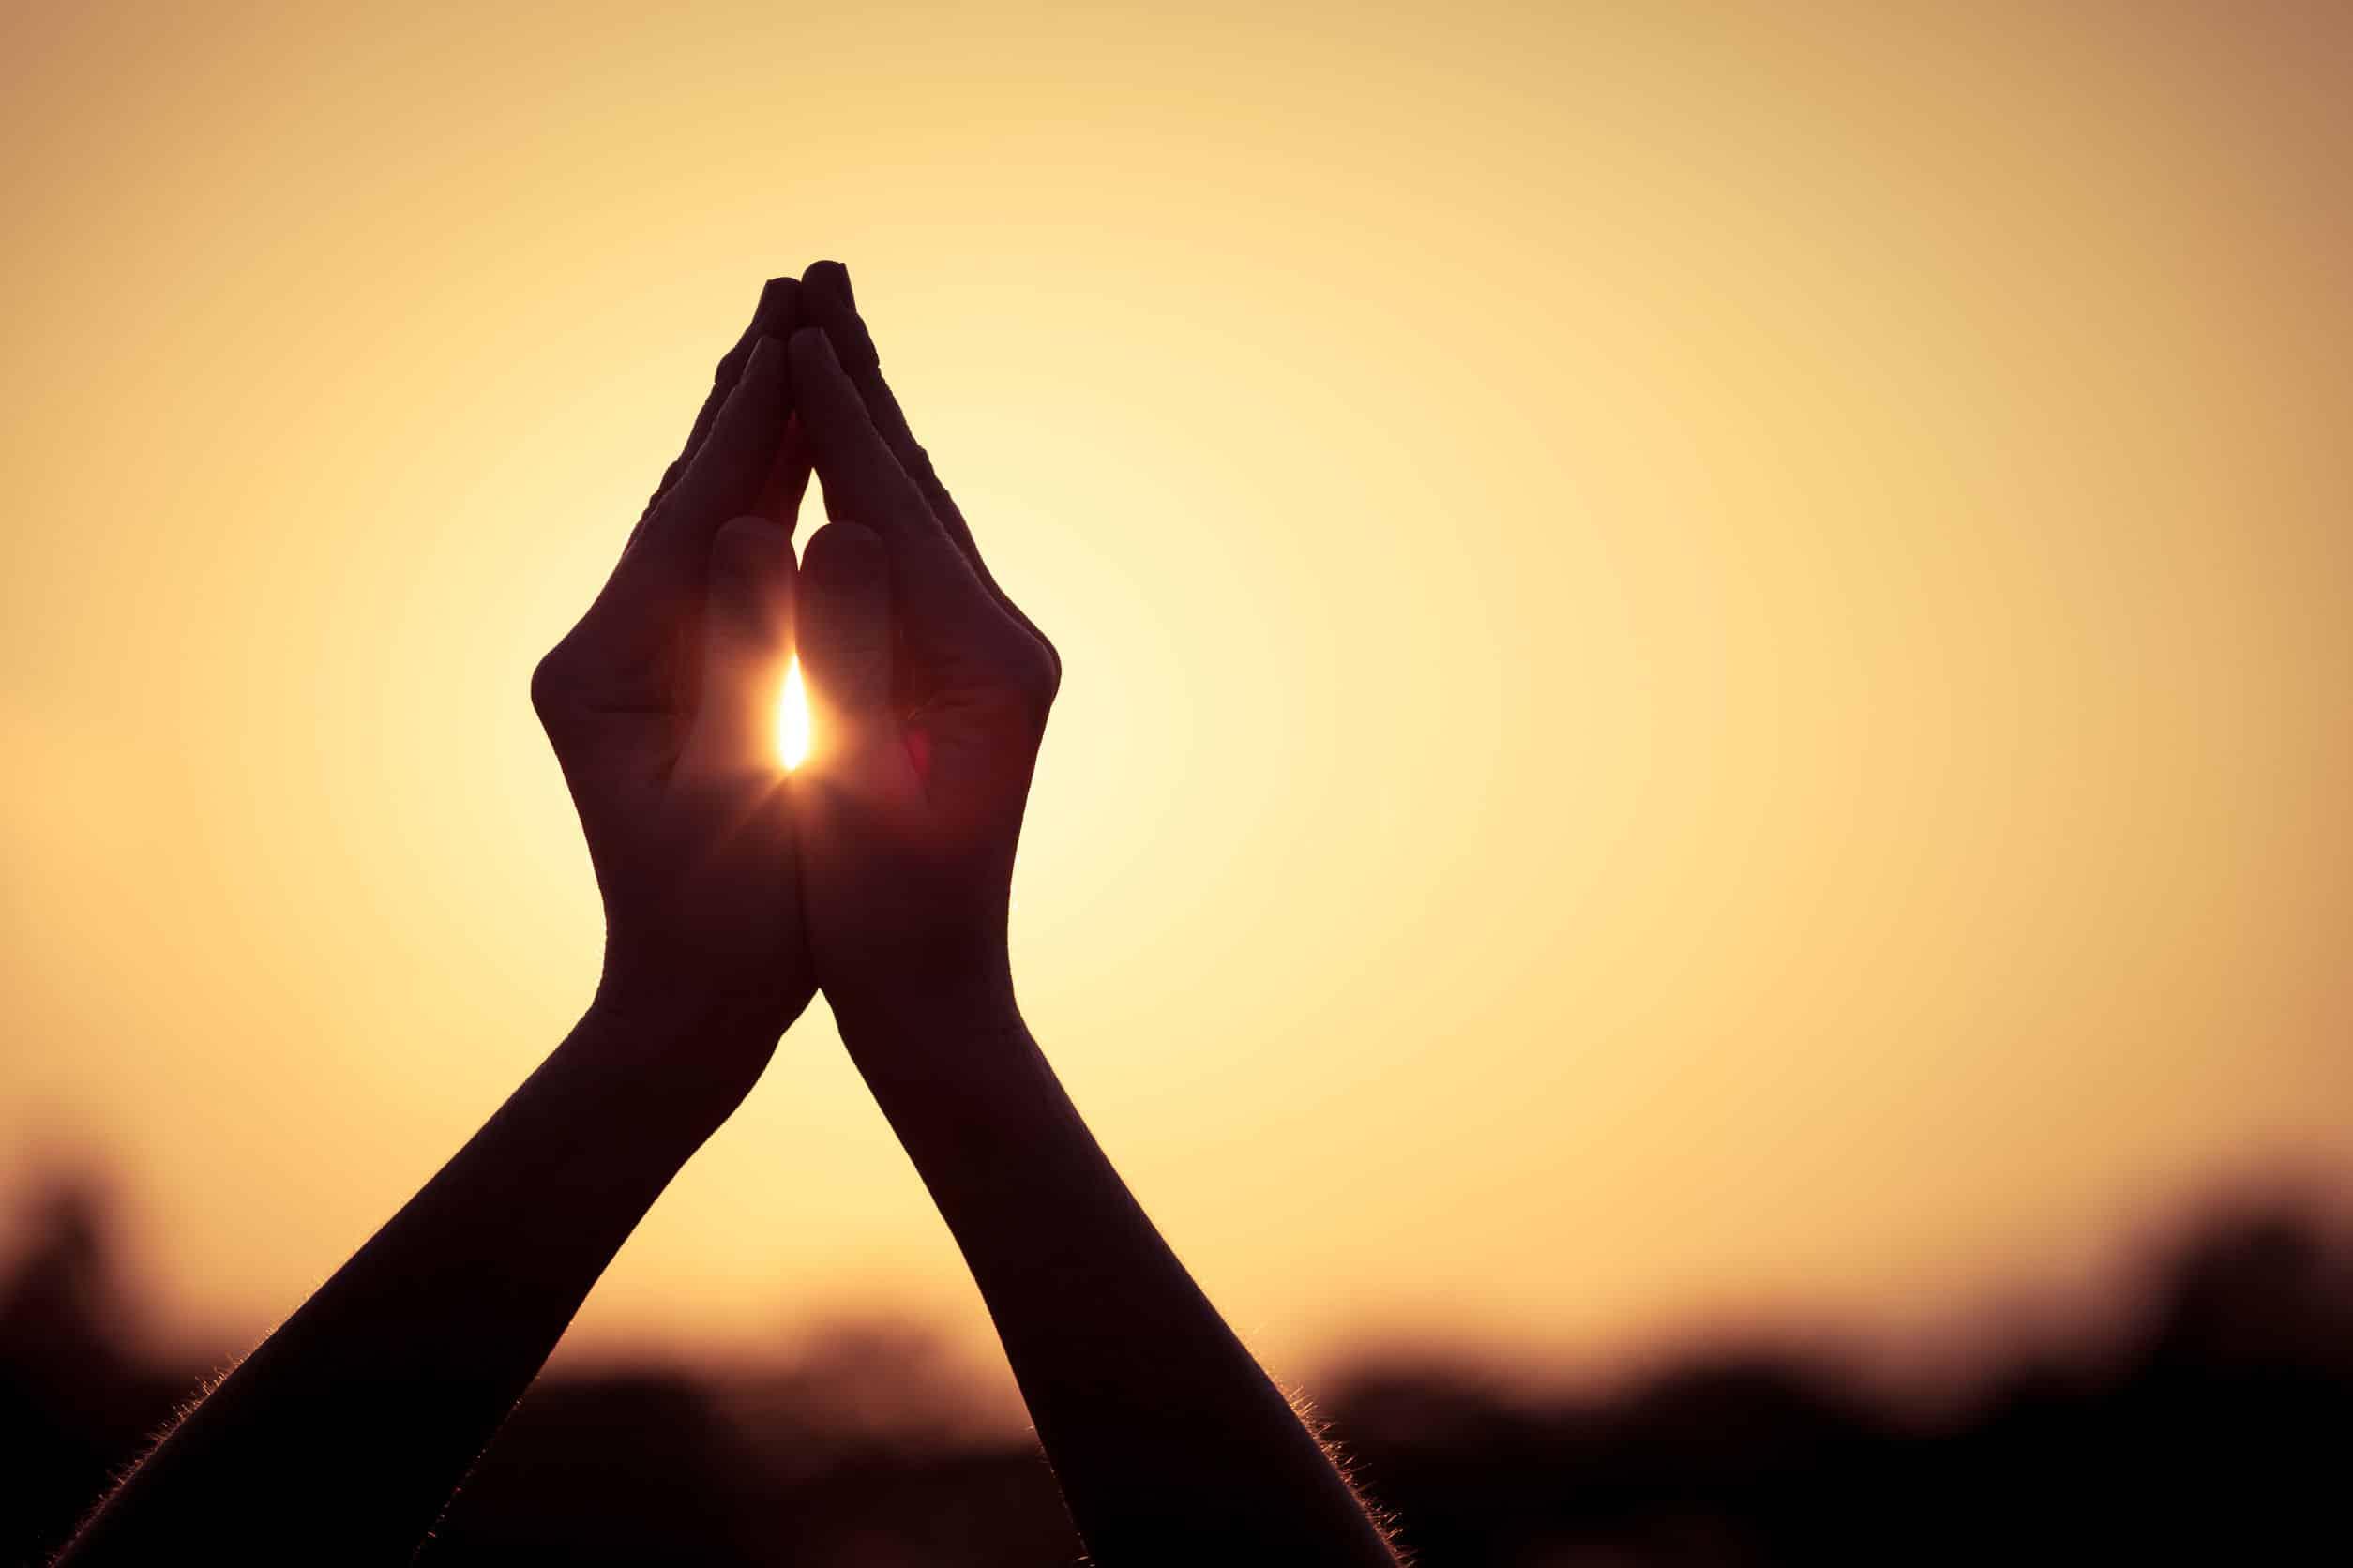 silhueta de mãos femininas durante o pôr do sol